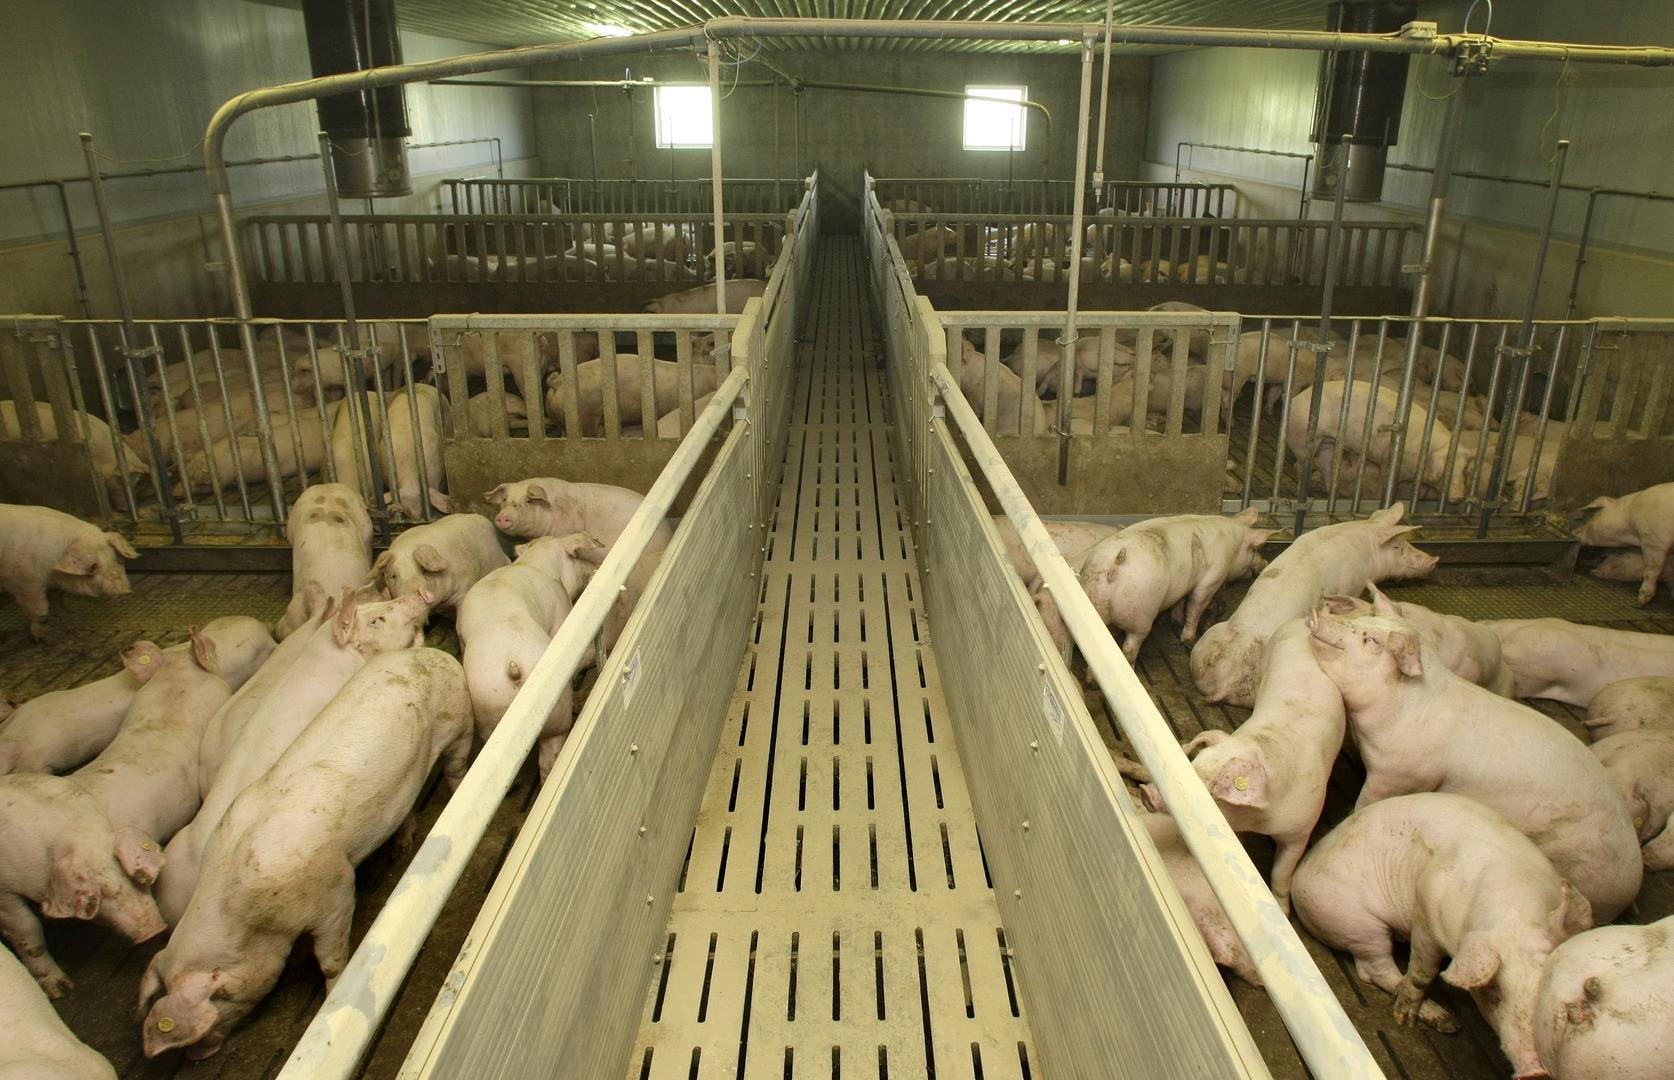 نفوق نحو 400 خنزير بحريق اندلع في مزرعة بألمانيا